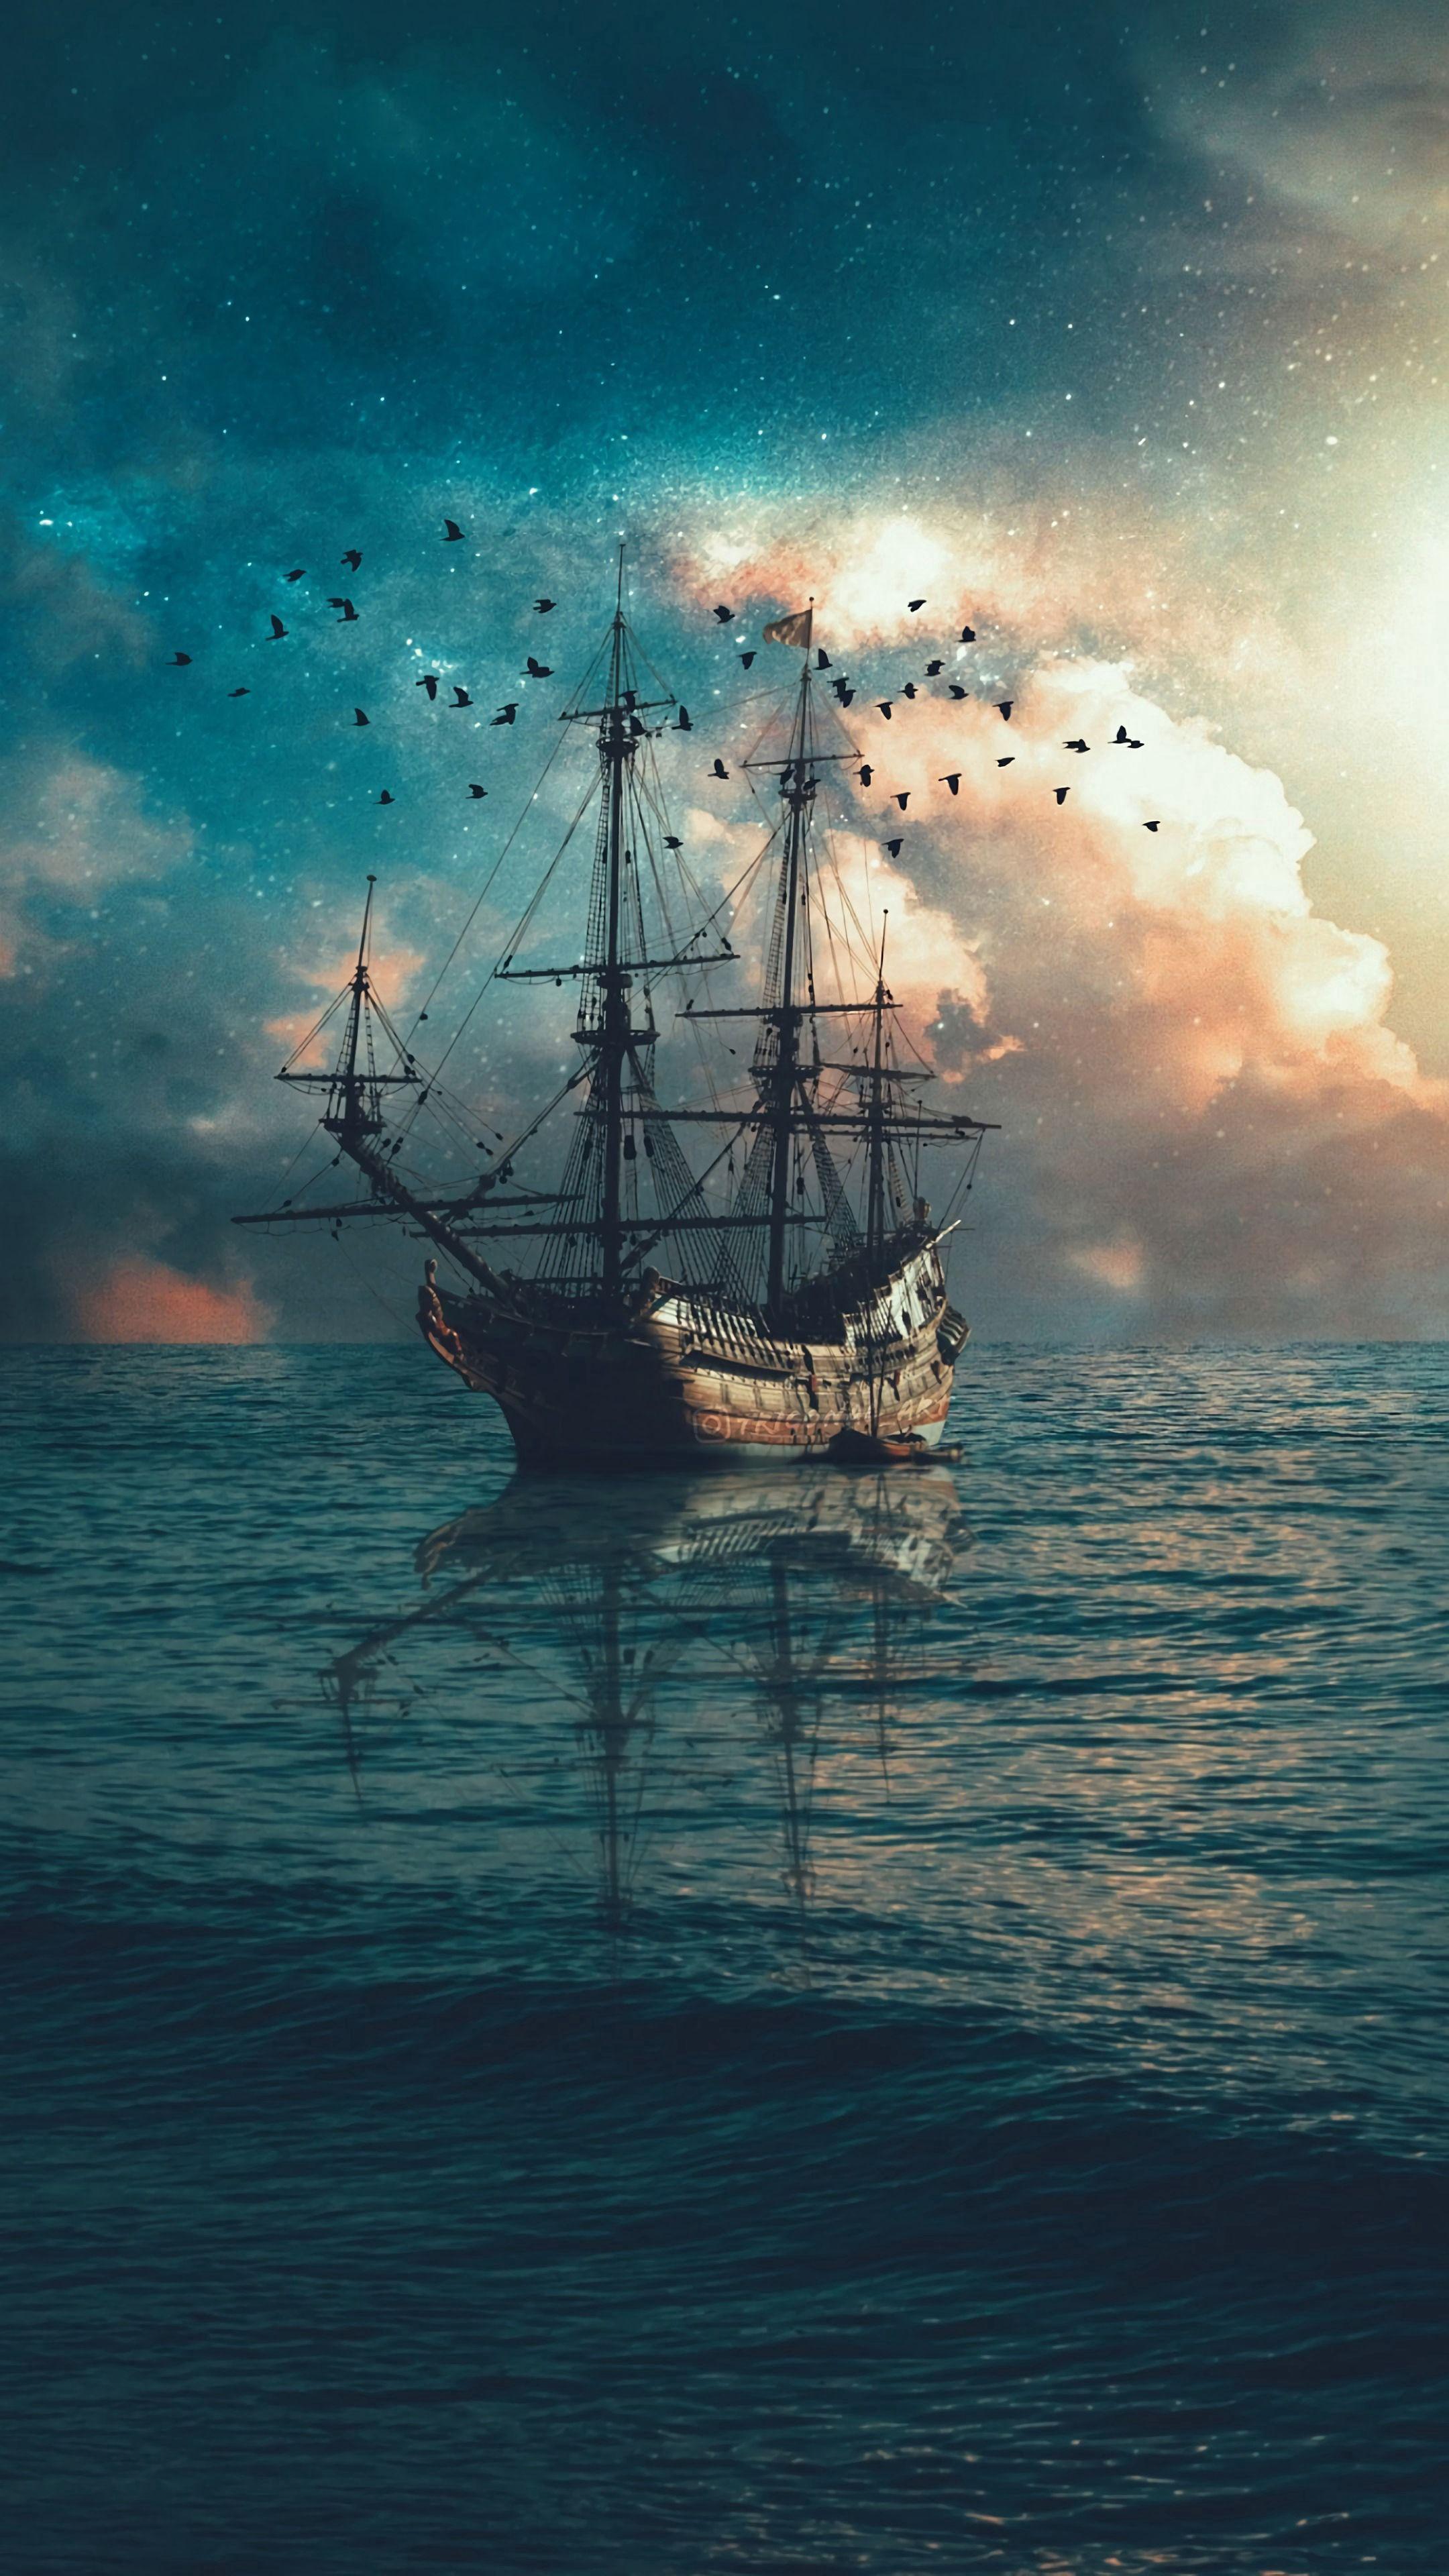 148905 Заставки и Обои Волны на телефон. Скачать Разное, Корабль, Море, Сумерки, Волны, Птицы картинки бесплатно